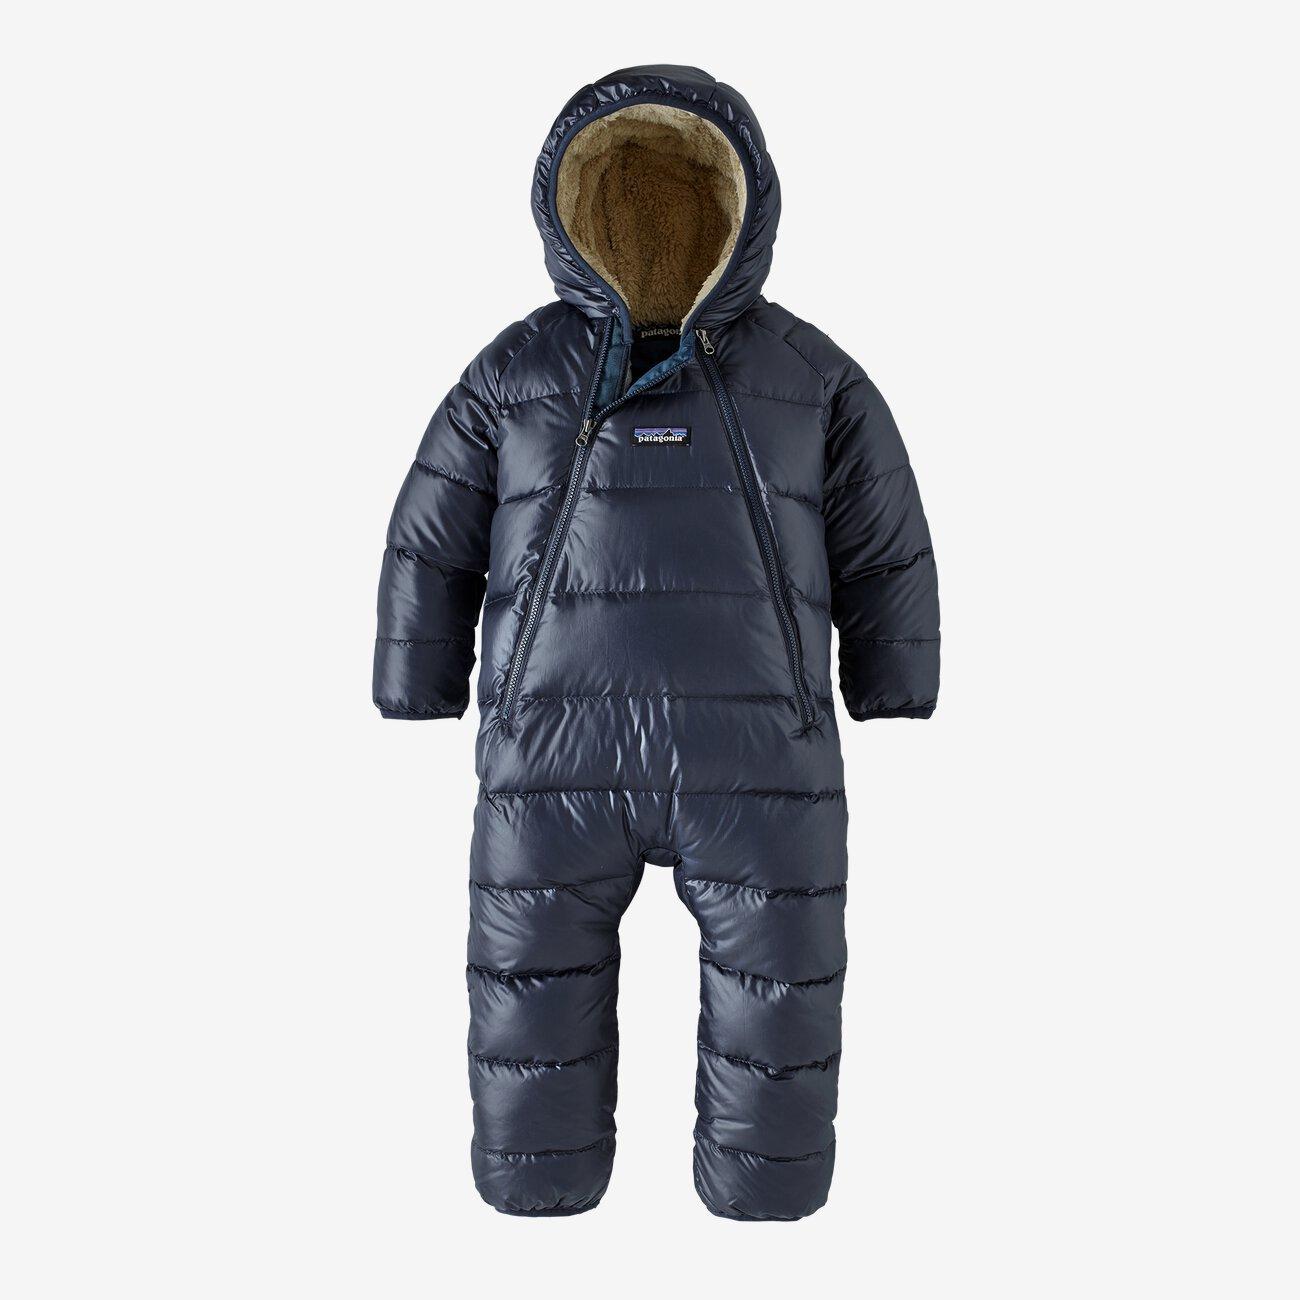 Patagonia Infant Hi-Loft Down Sweater Bunting (60102)